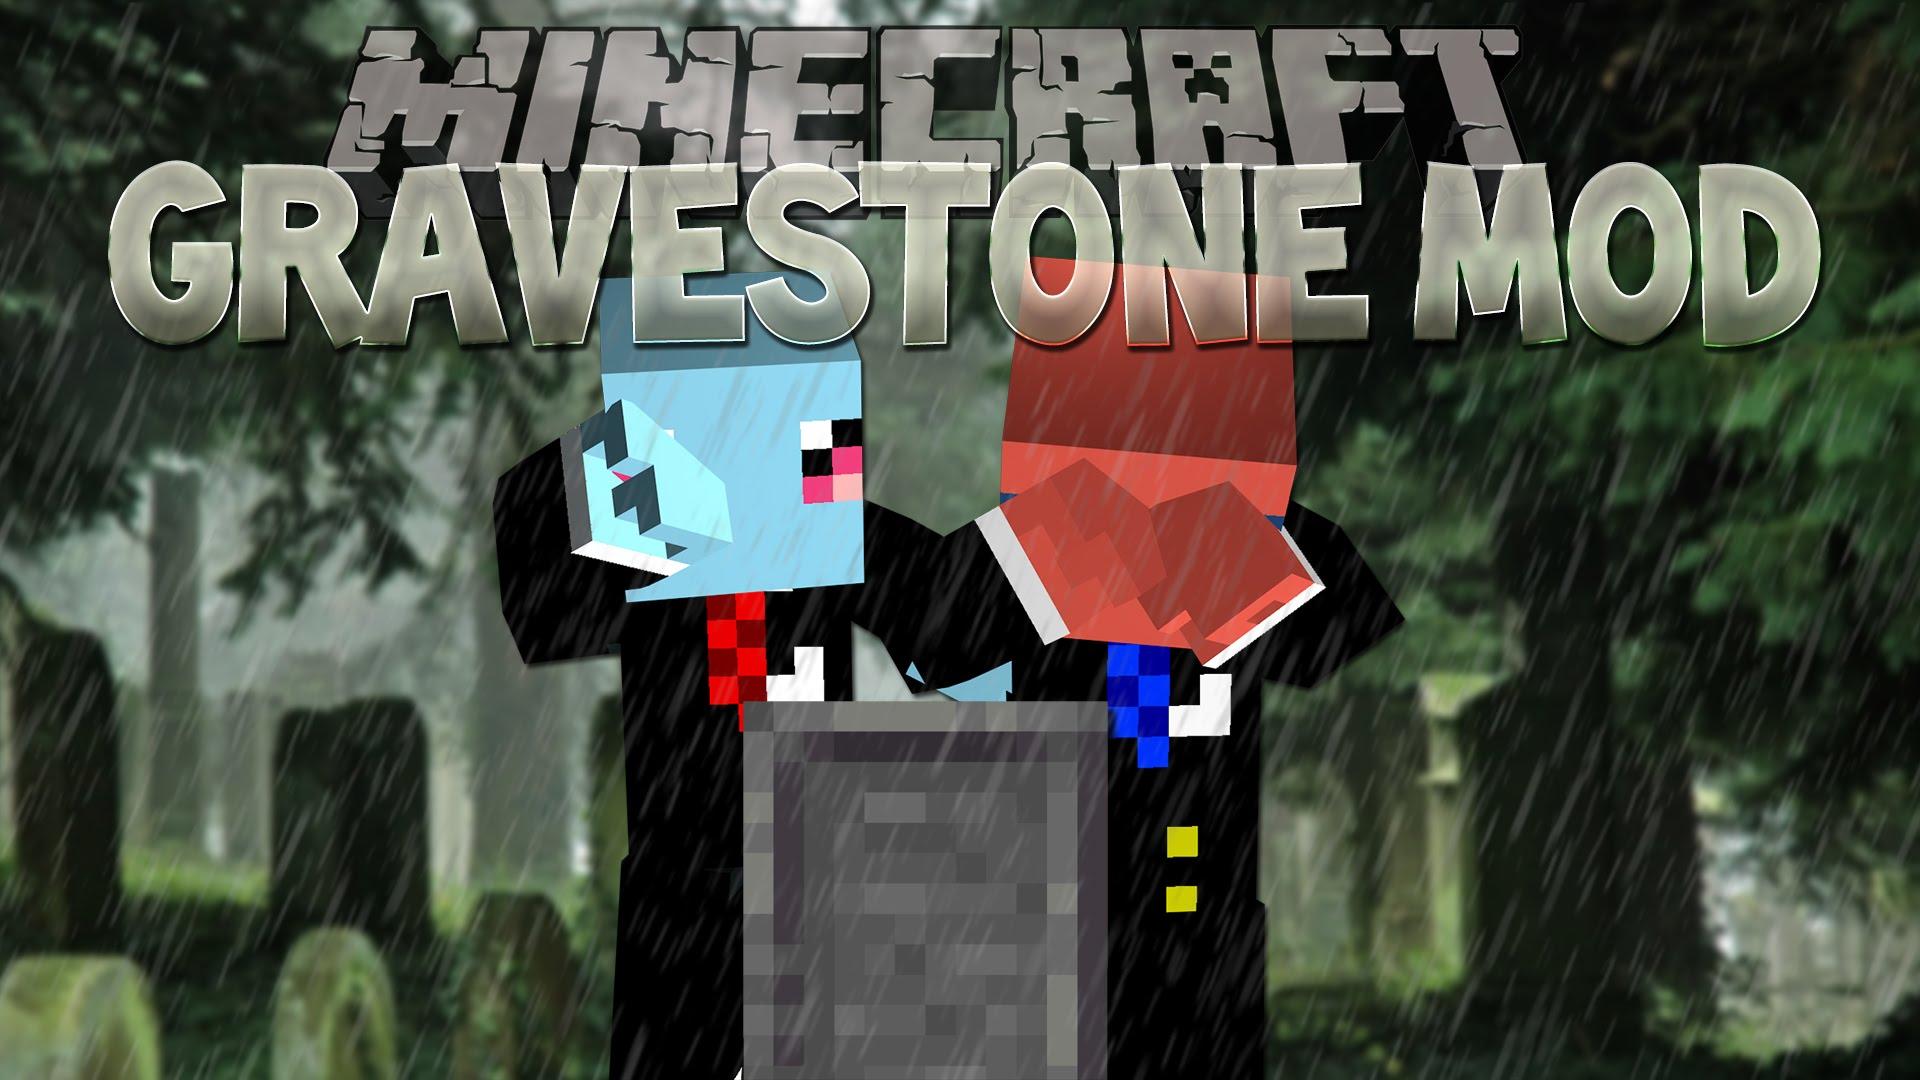 Gravestone Mod - Minecraft spieler finden mod